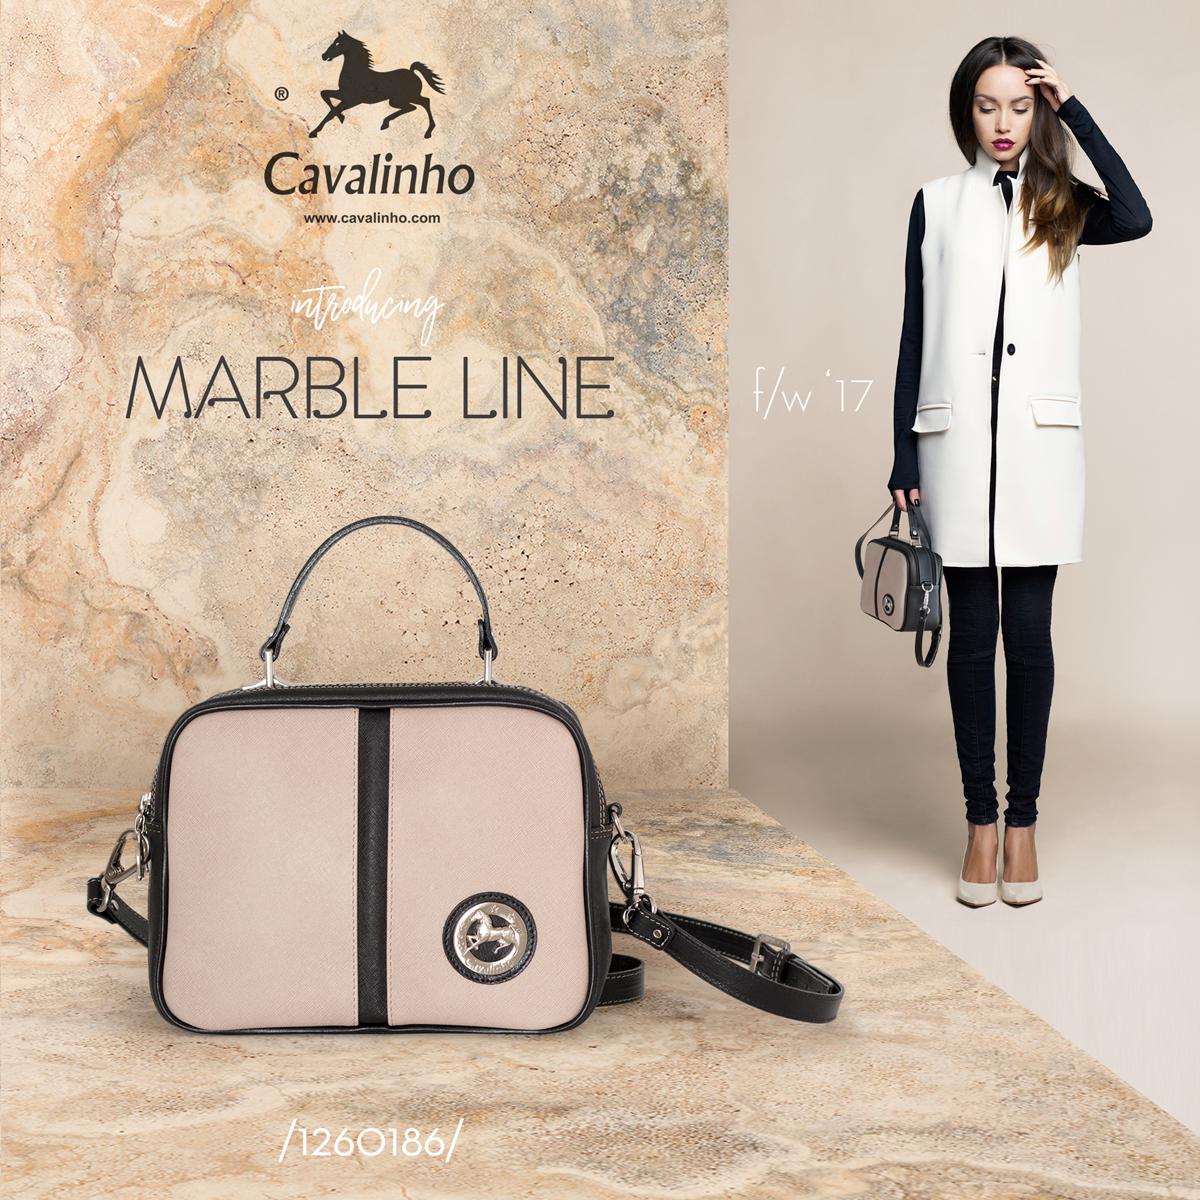 Nova Coleção Outono/Inverno 2017 Cavalinho - Marble Line